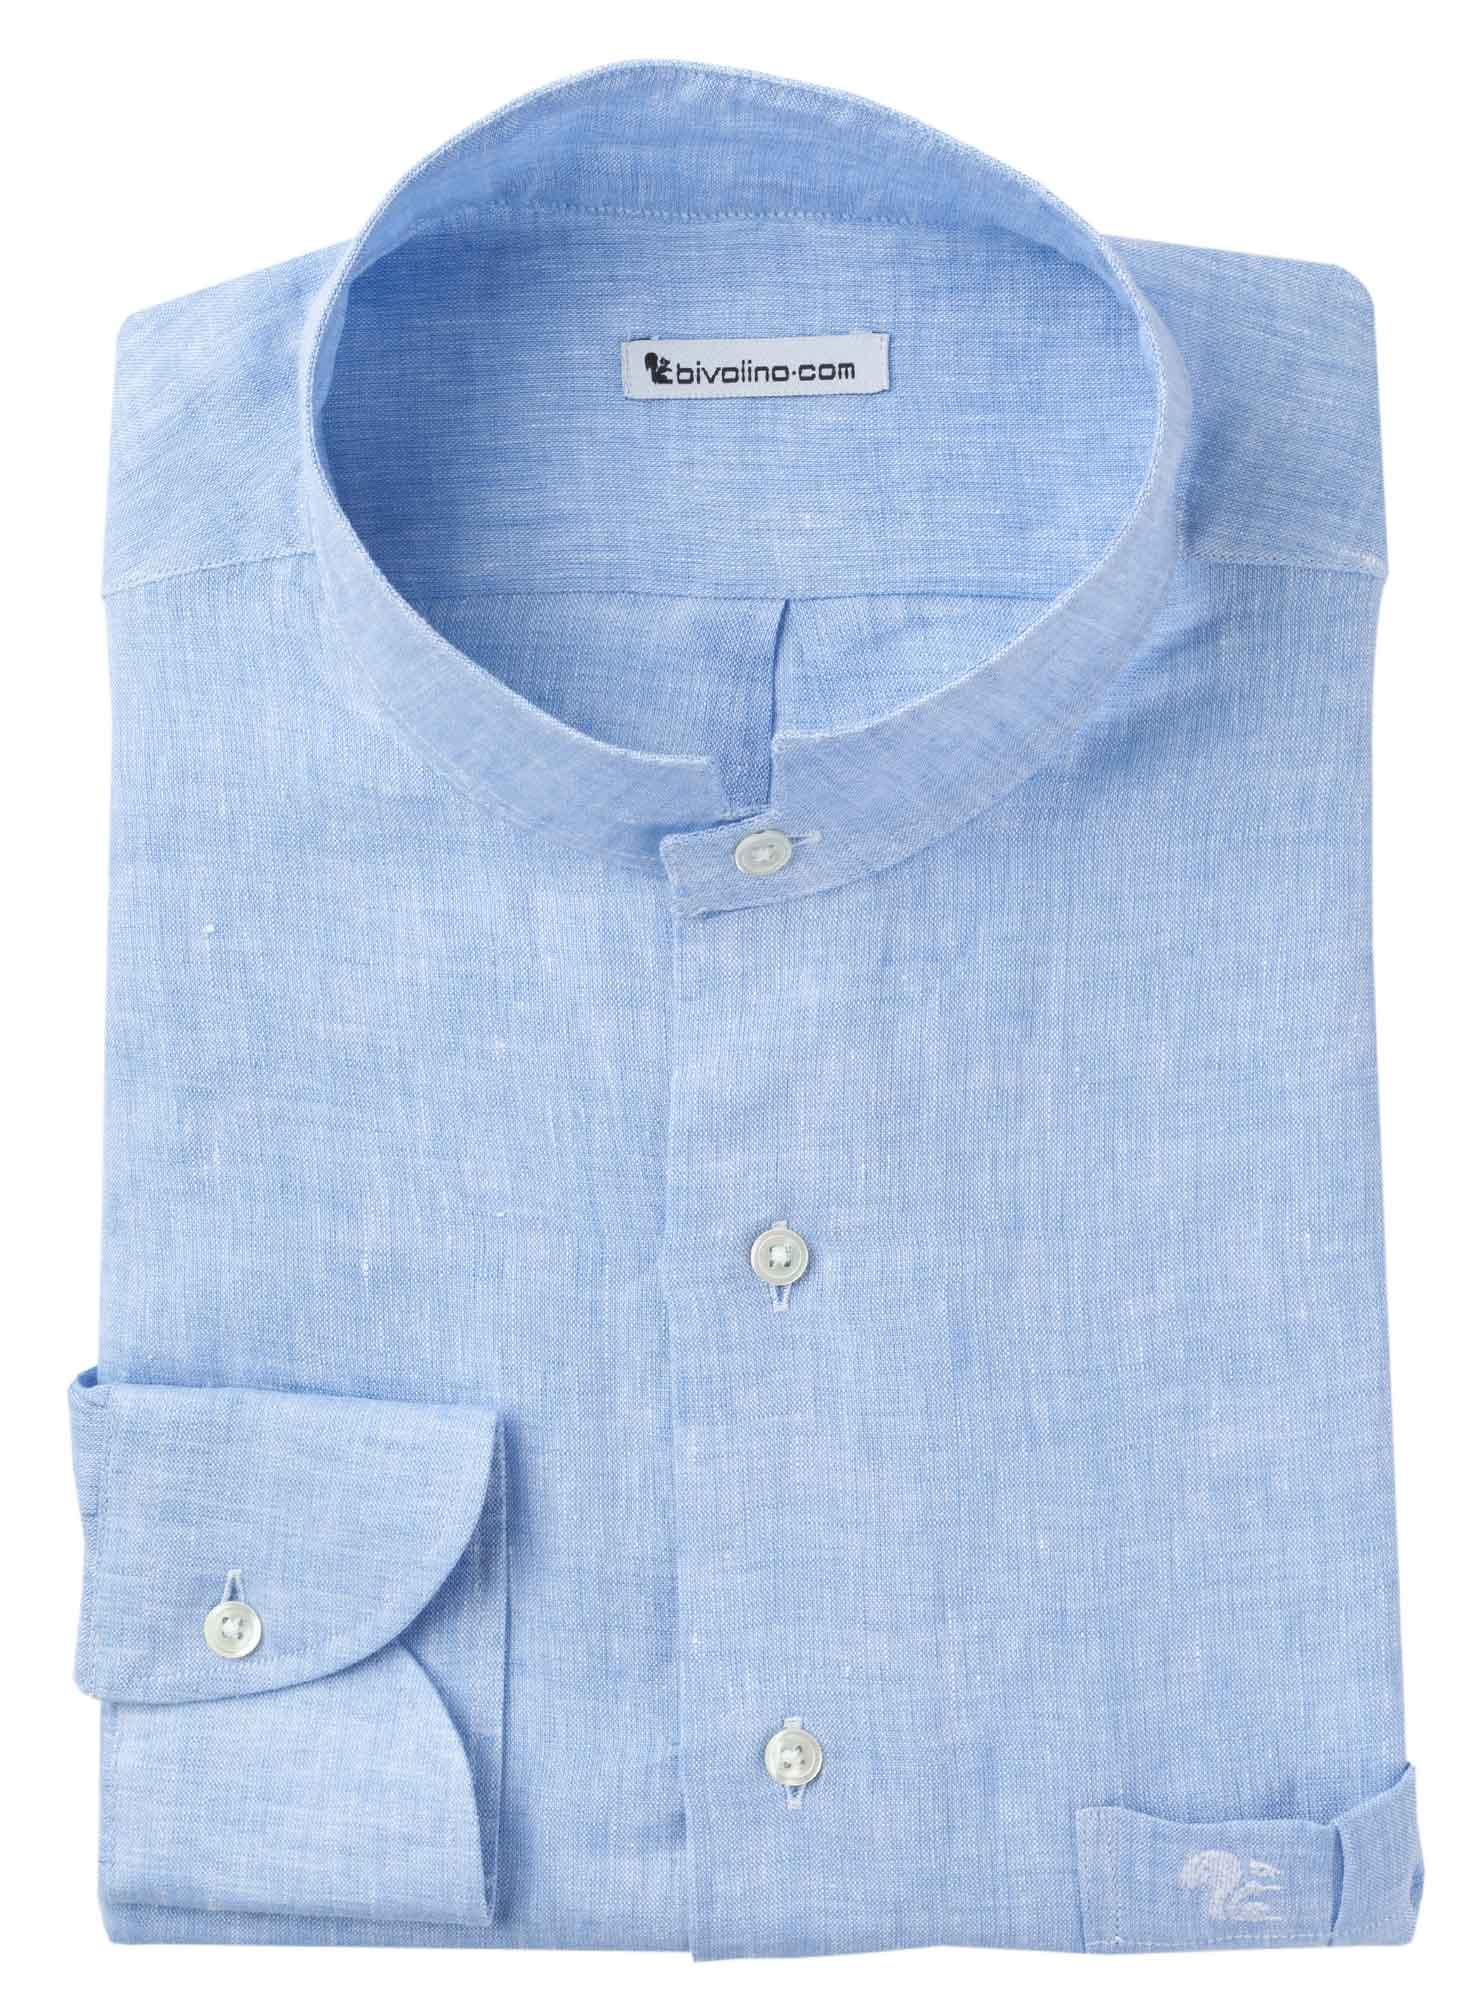 CASTEL VISCARDO - Blauw linnen heren overhemd NEHRU boord - SERA 2